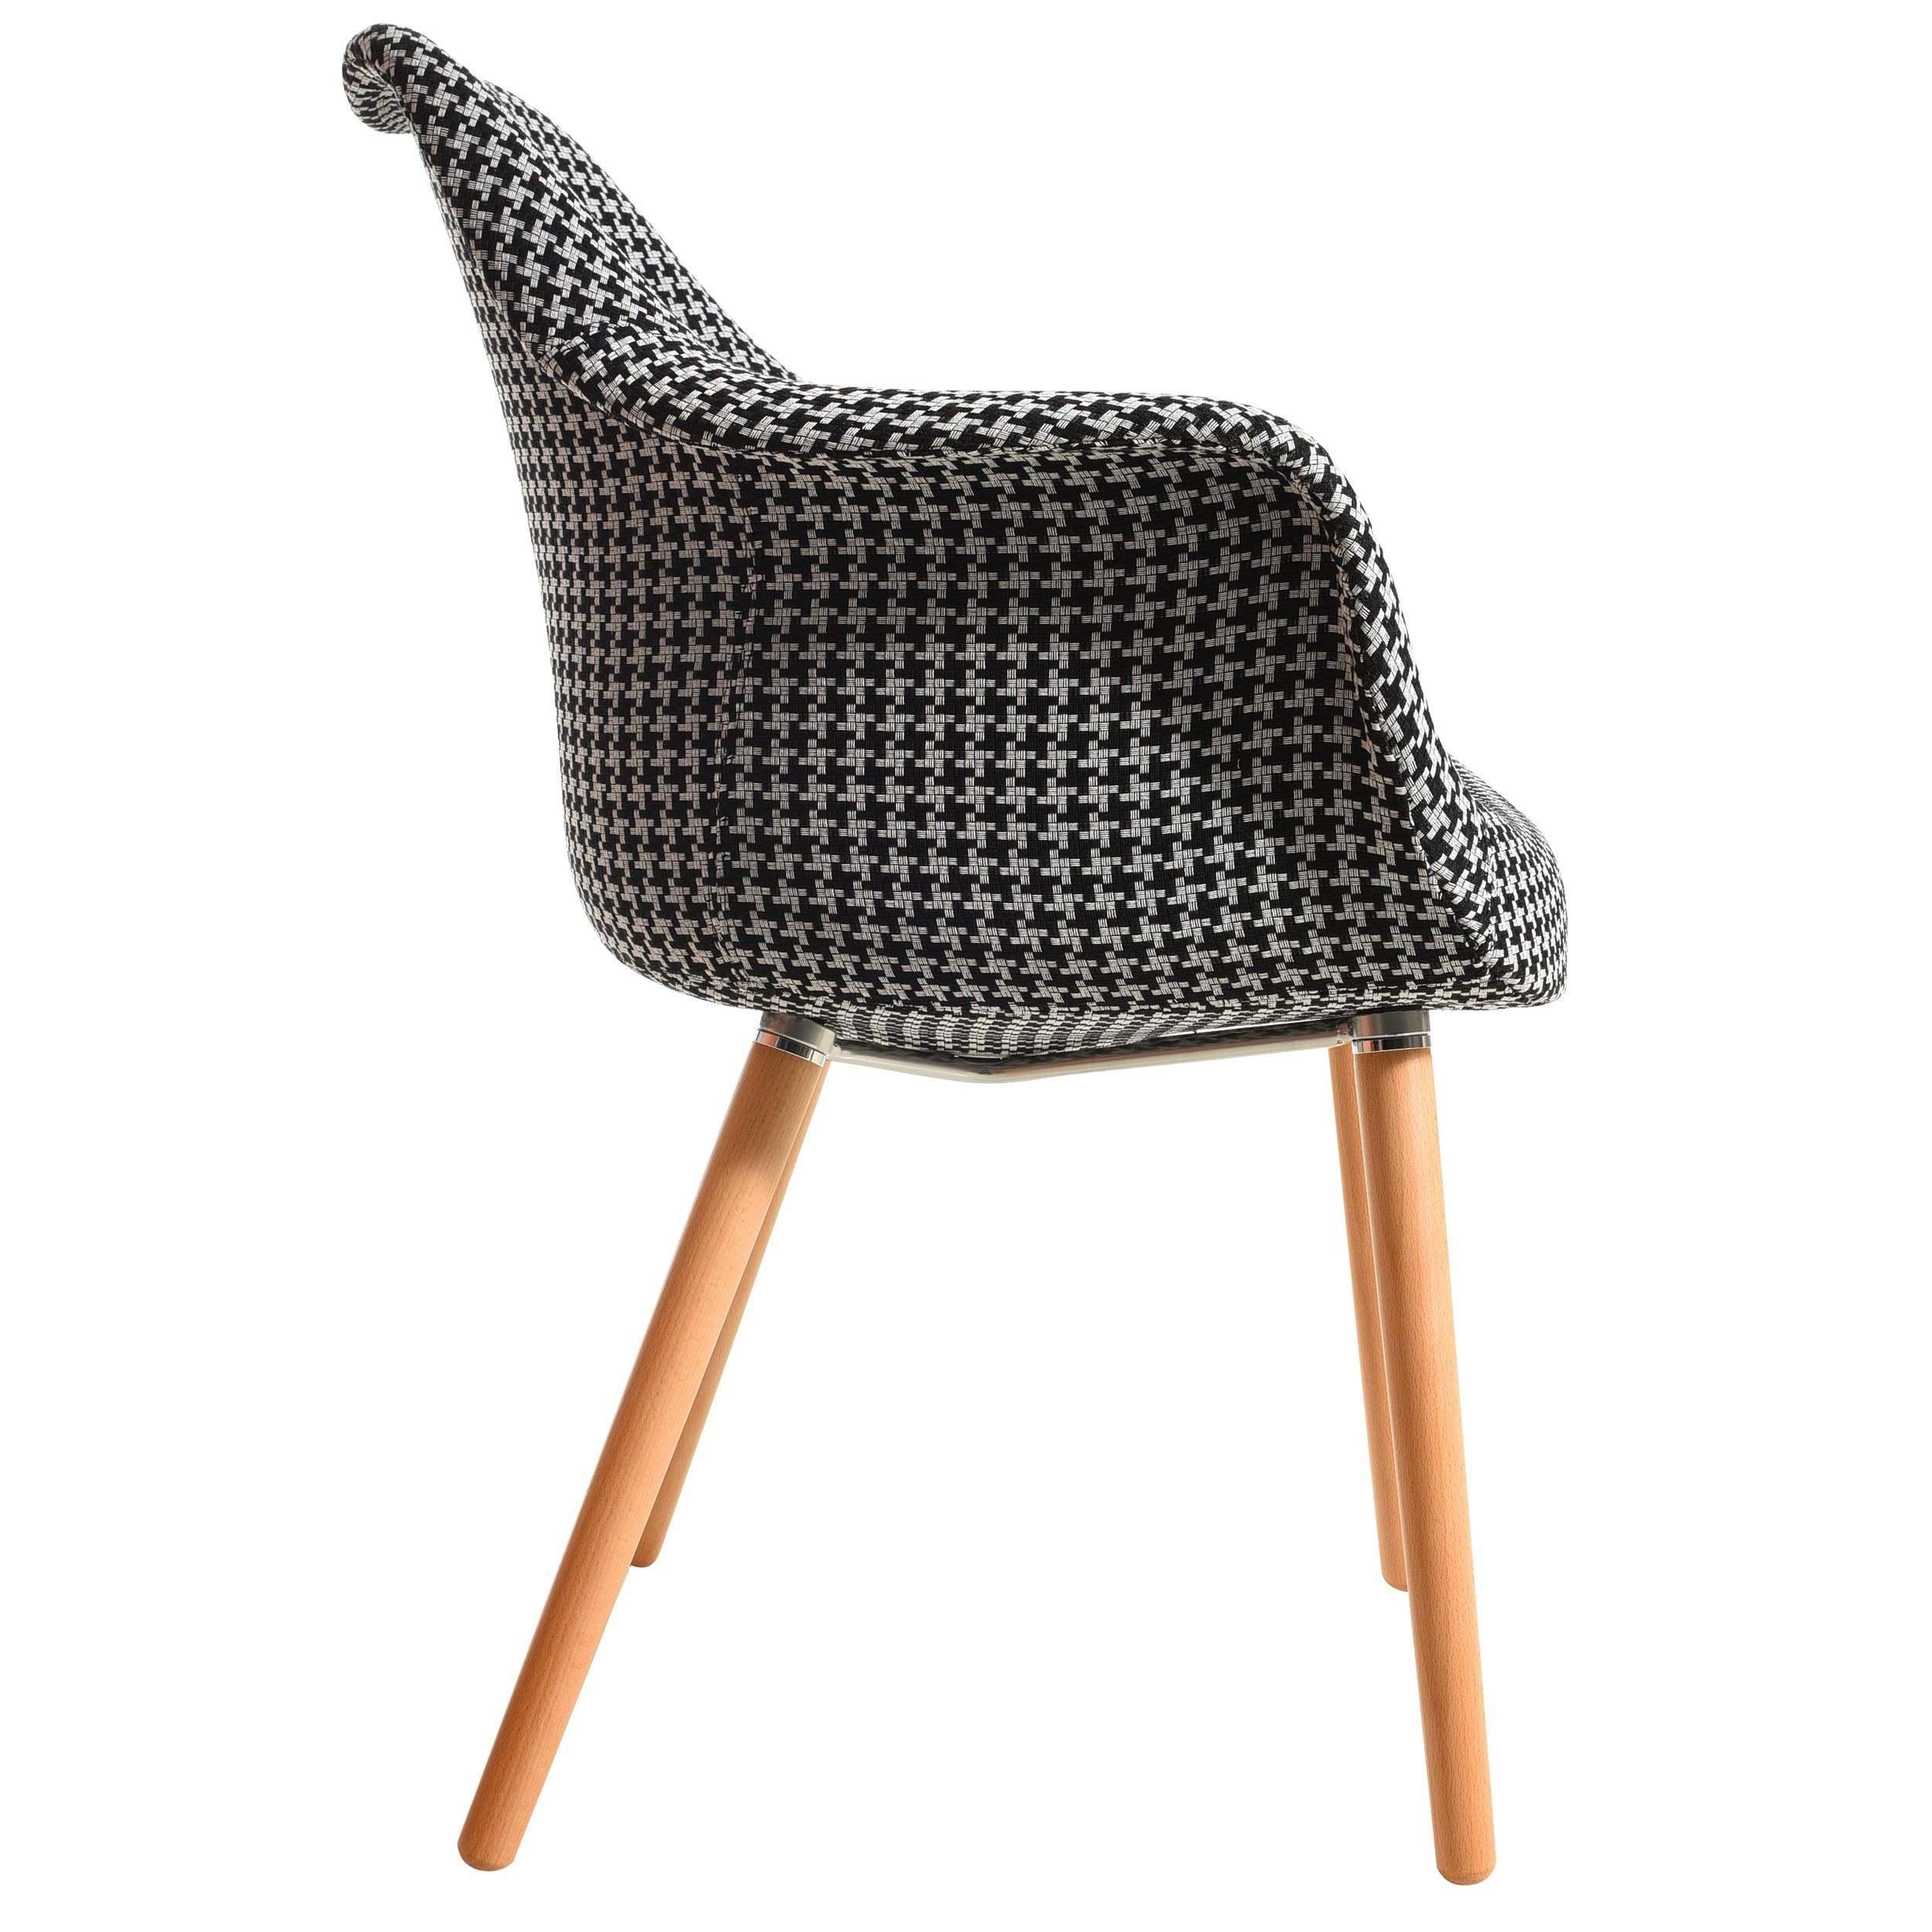 Chaise anssen patchwork pied de poule choisissez nos for Acheter chaise design